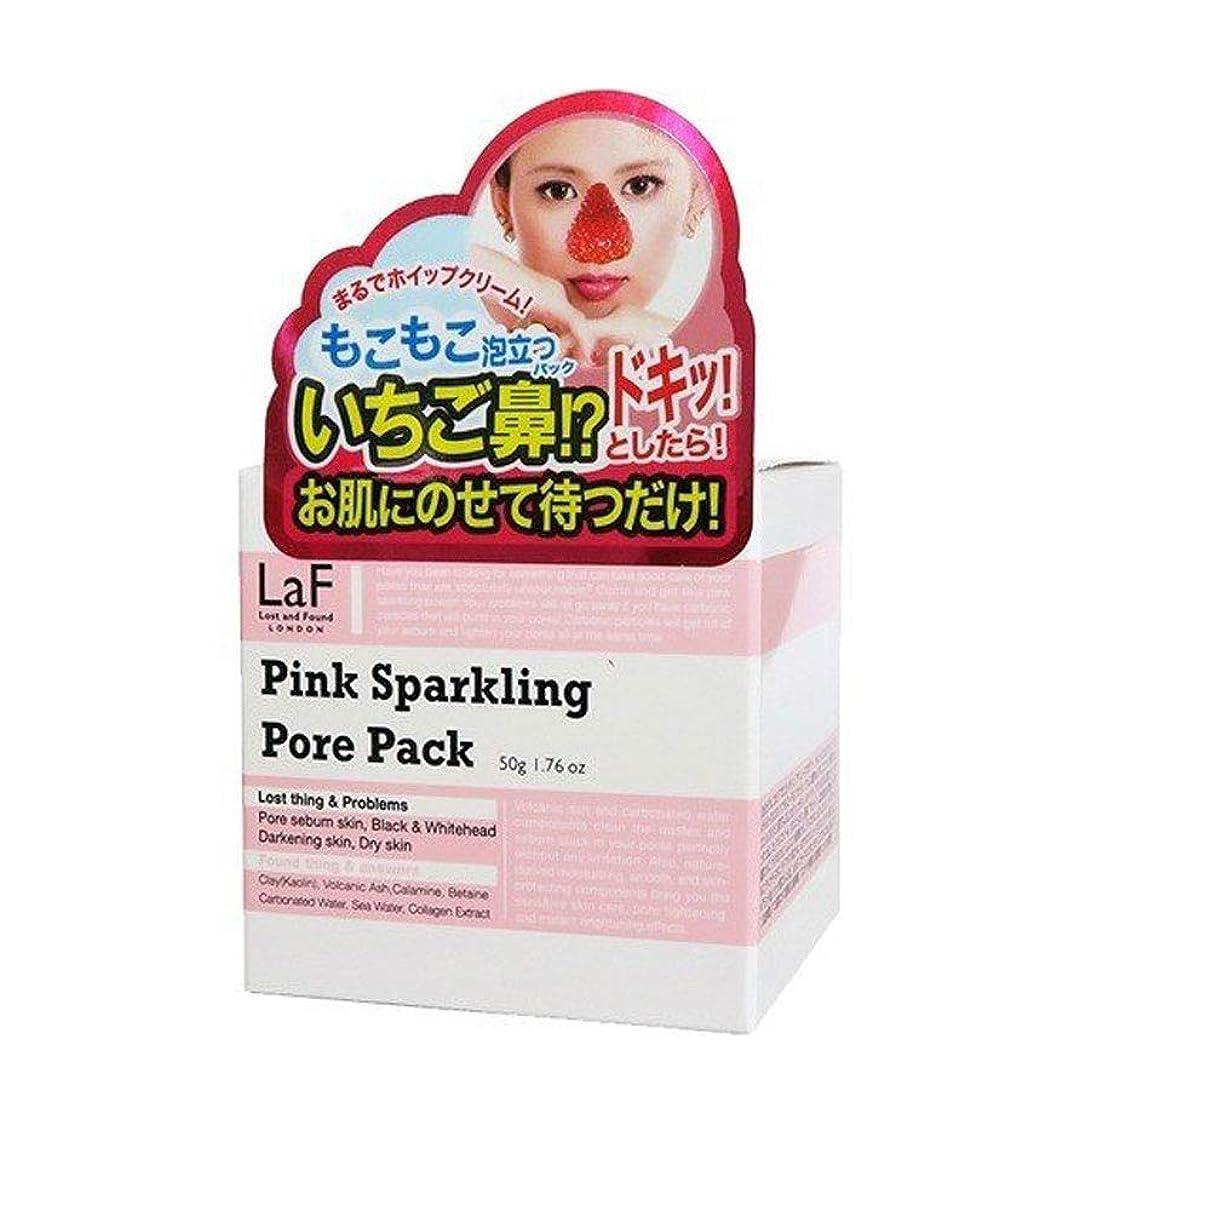 乳製品見捨てるオーバーコート三和通商 ピンクスパークリング ポアパック 洗顔 50g